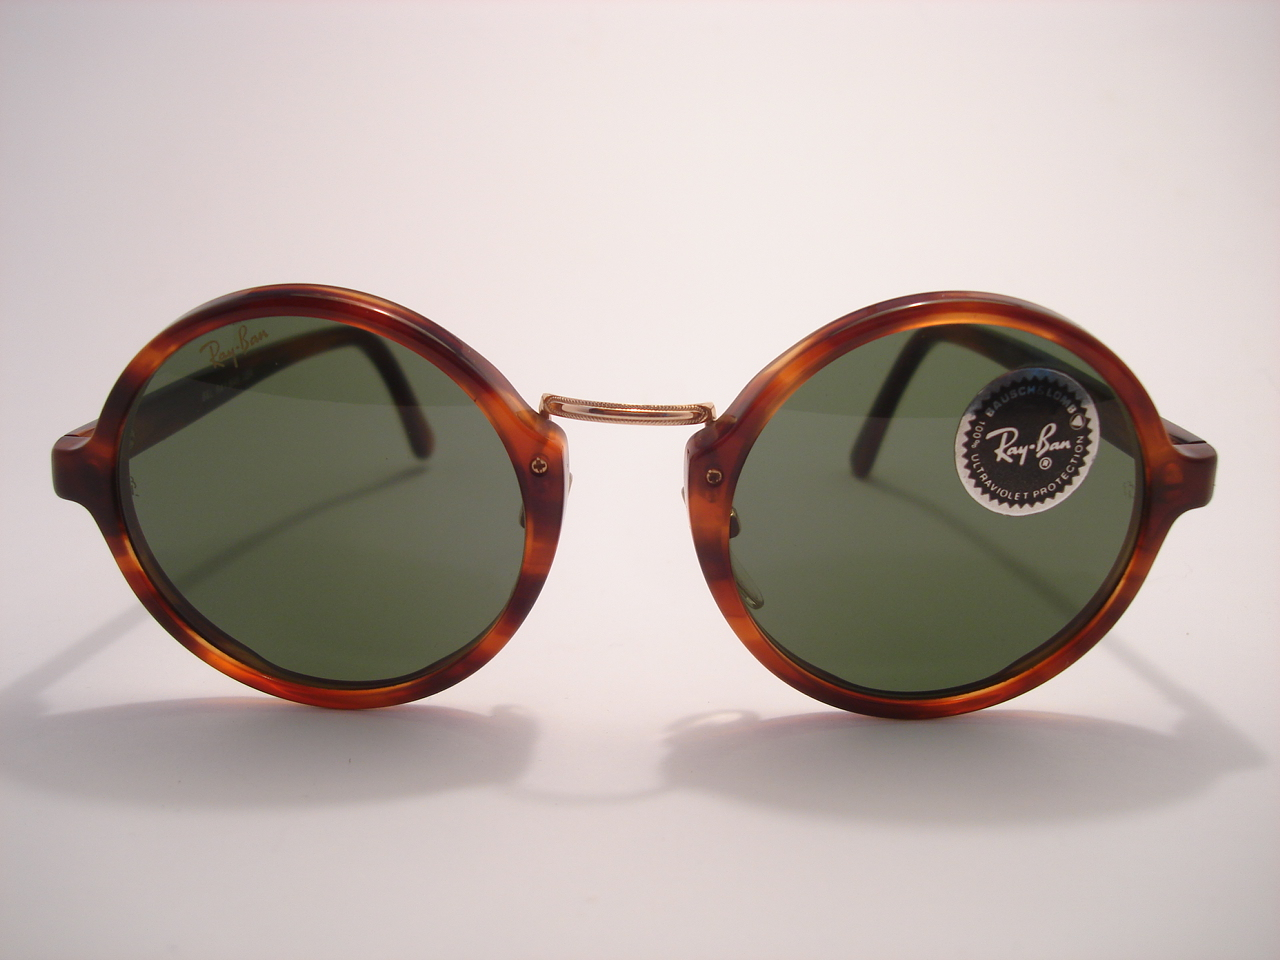 7ea1bf08870 Sunglasses Usa Ray Ban « Heritage Malta